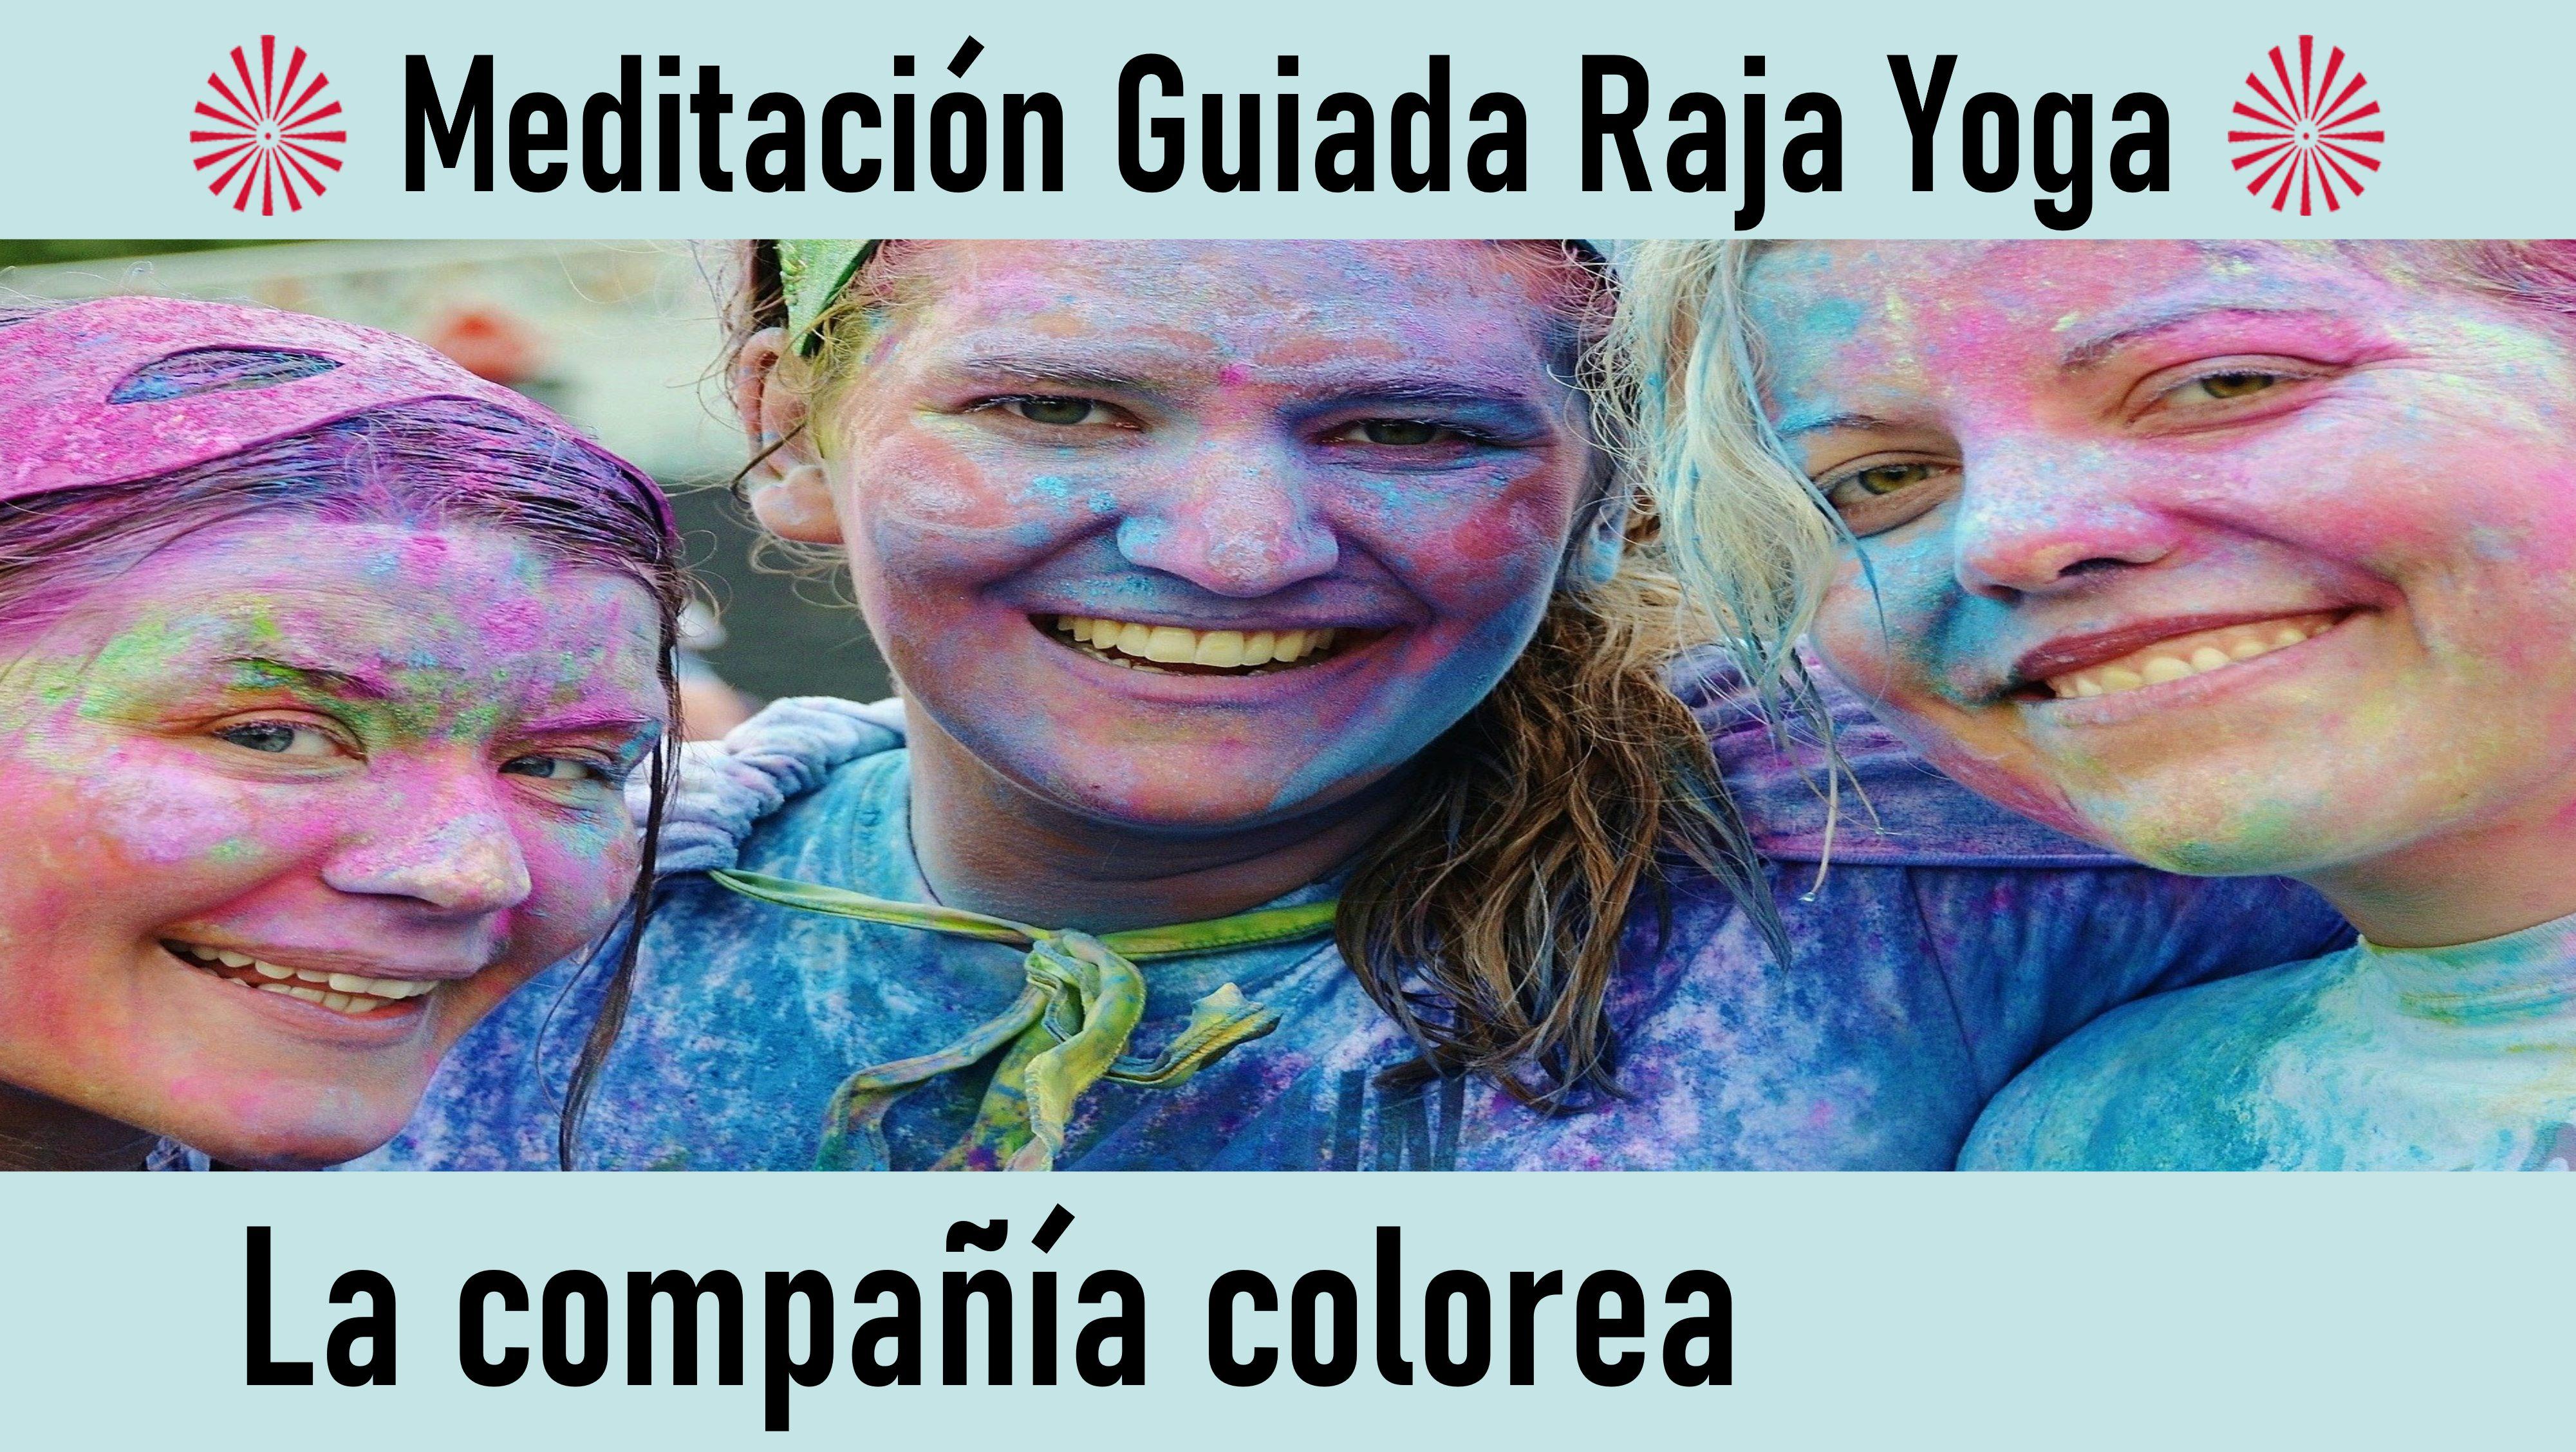 Meditación Raja Yoga: La compañía colorea (2 Septiembre 2020) On-line desde Sevilla